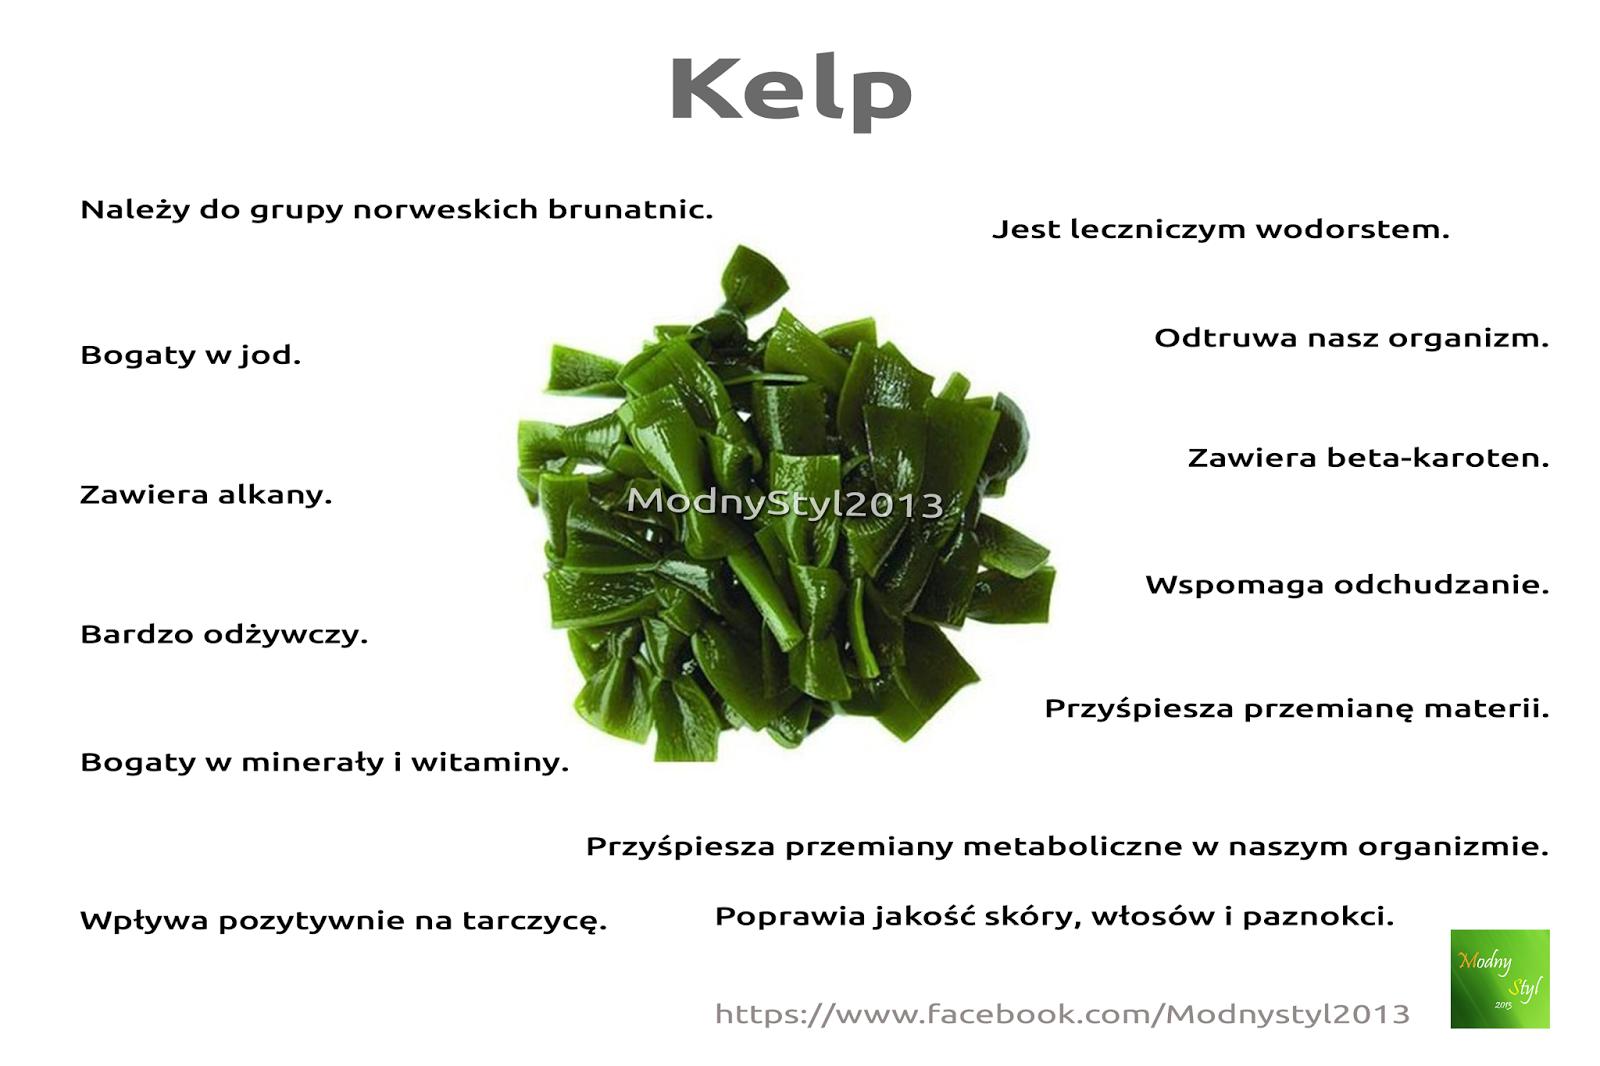 Kelp - leczniczy wodorost